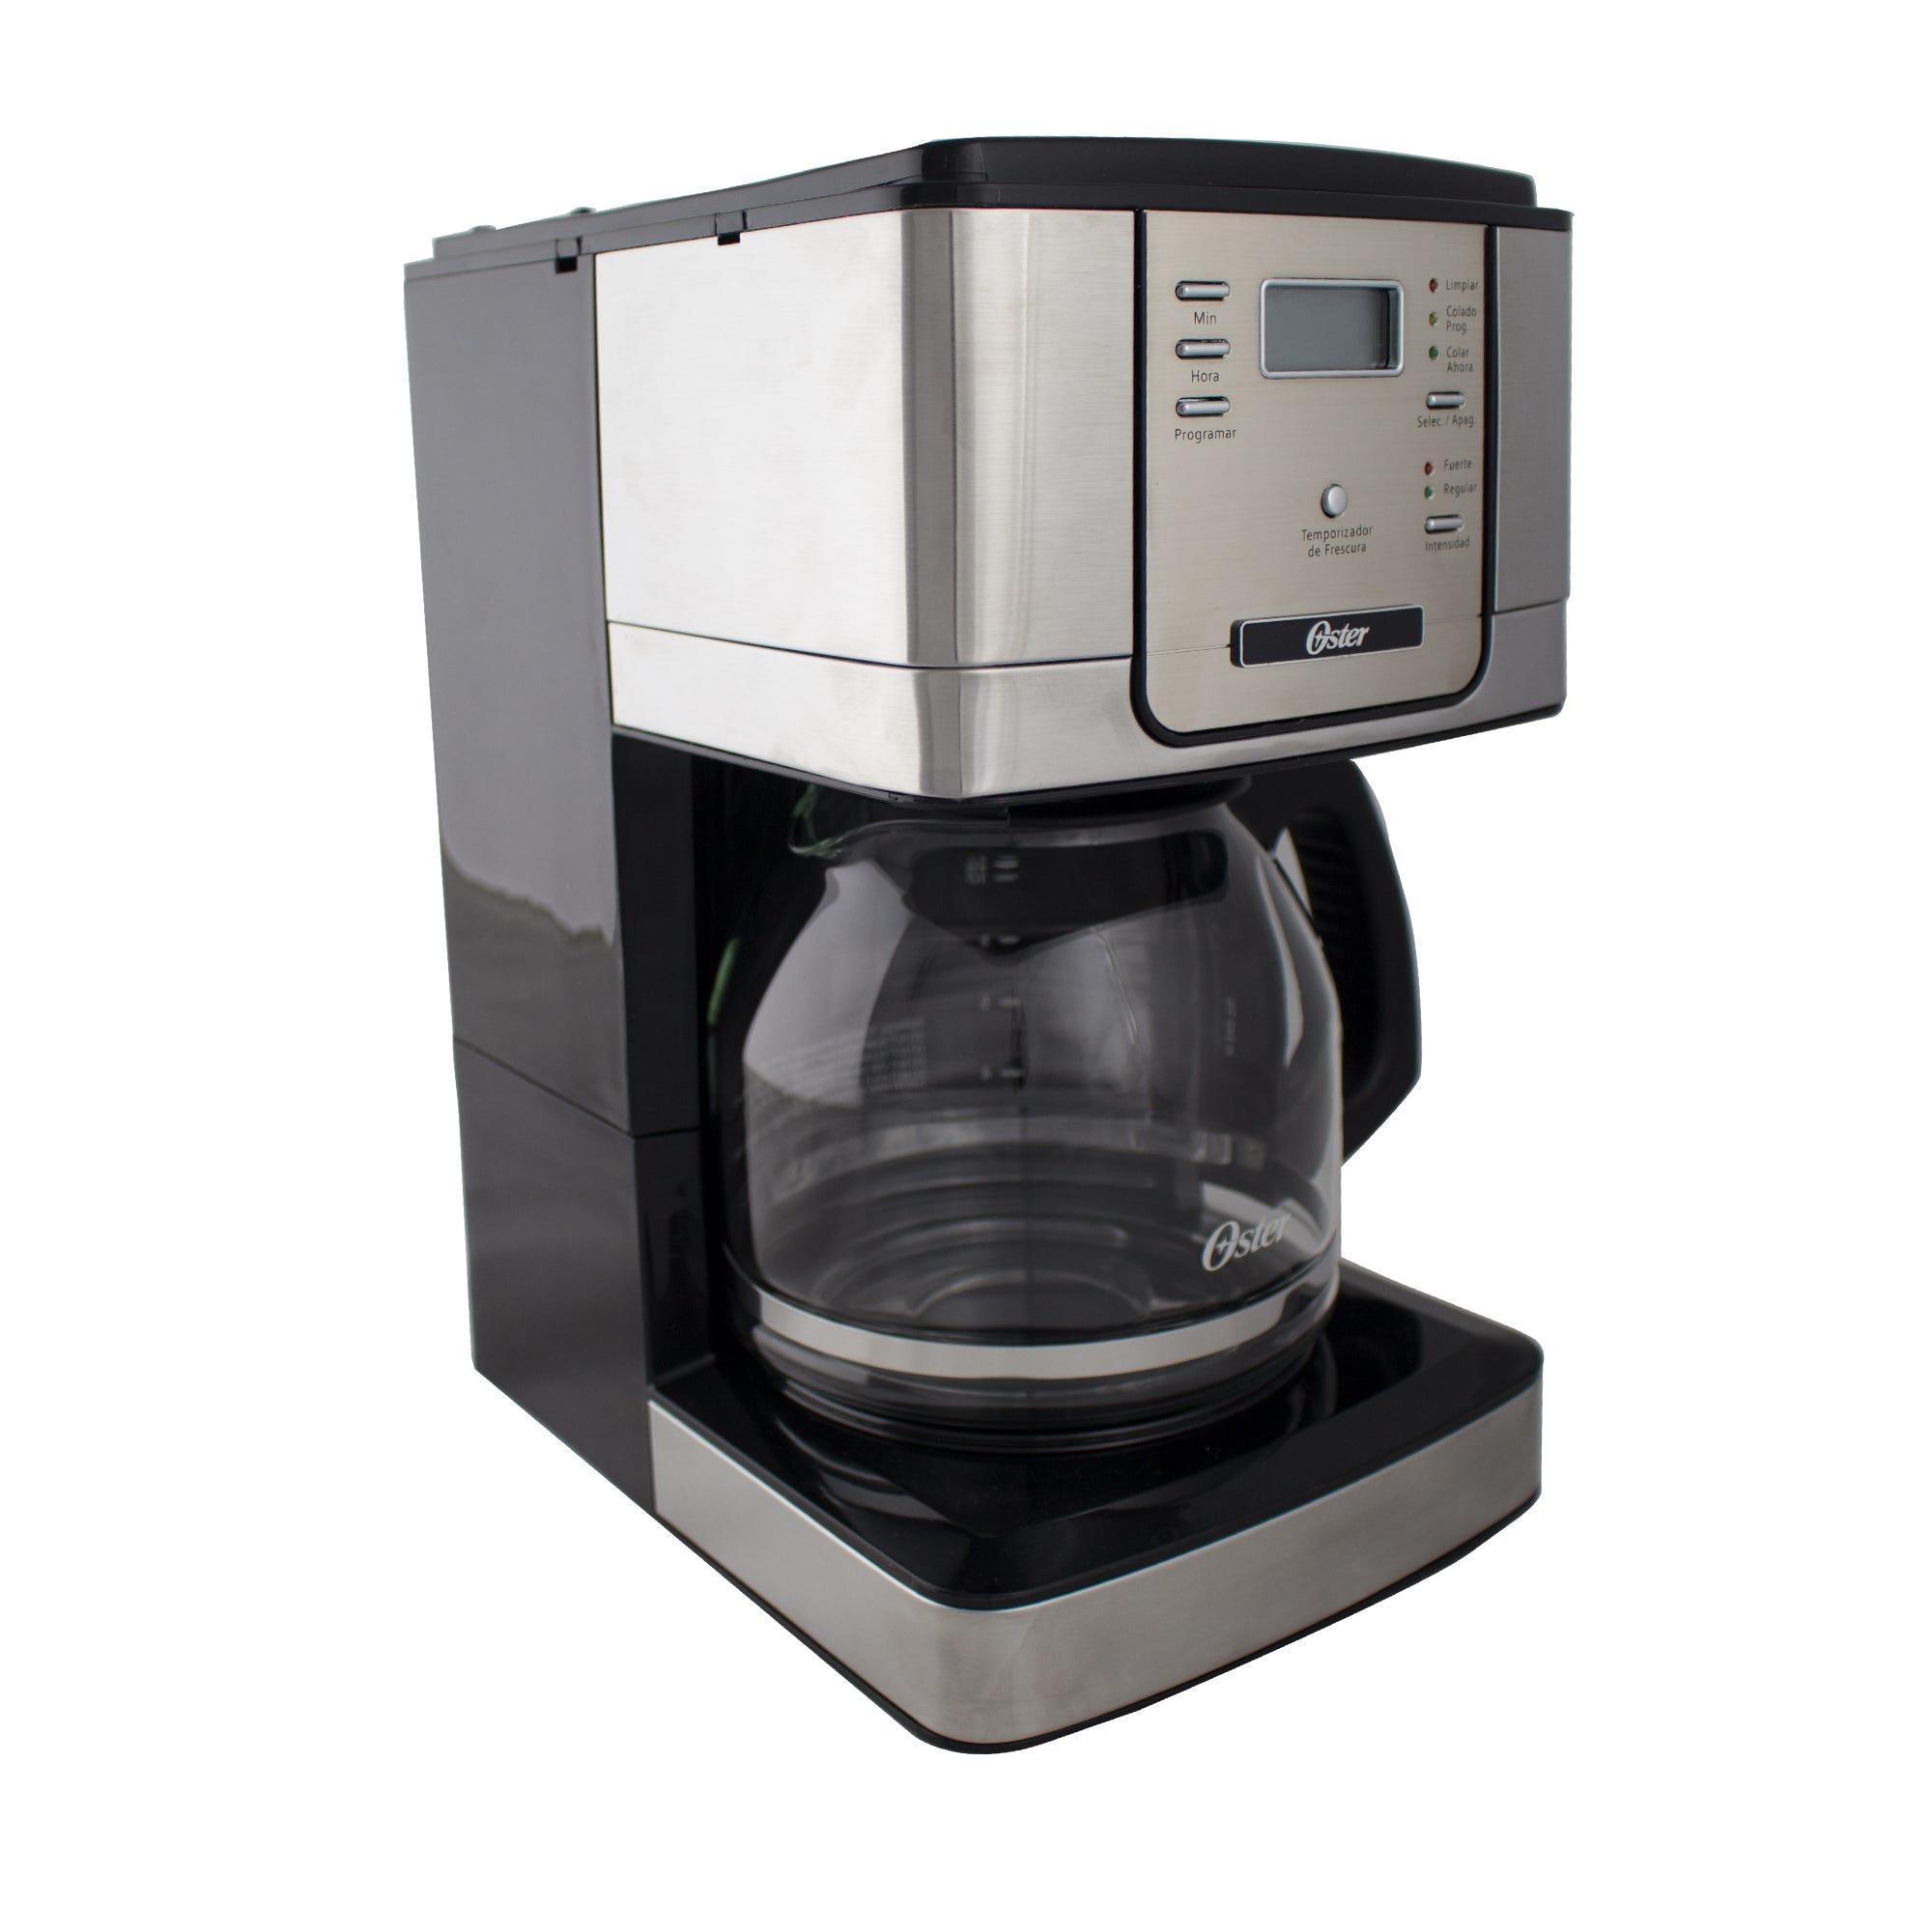 Cafetera programable Oster®, para 12 tazas